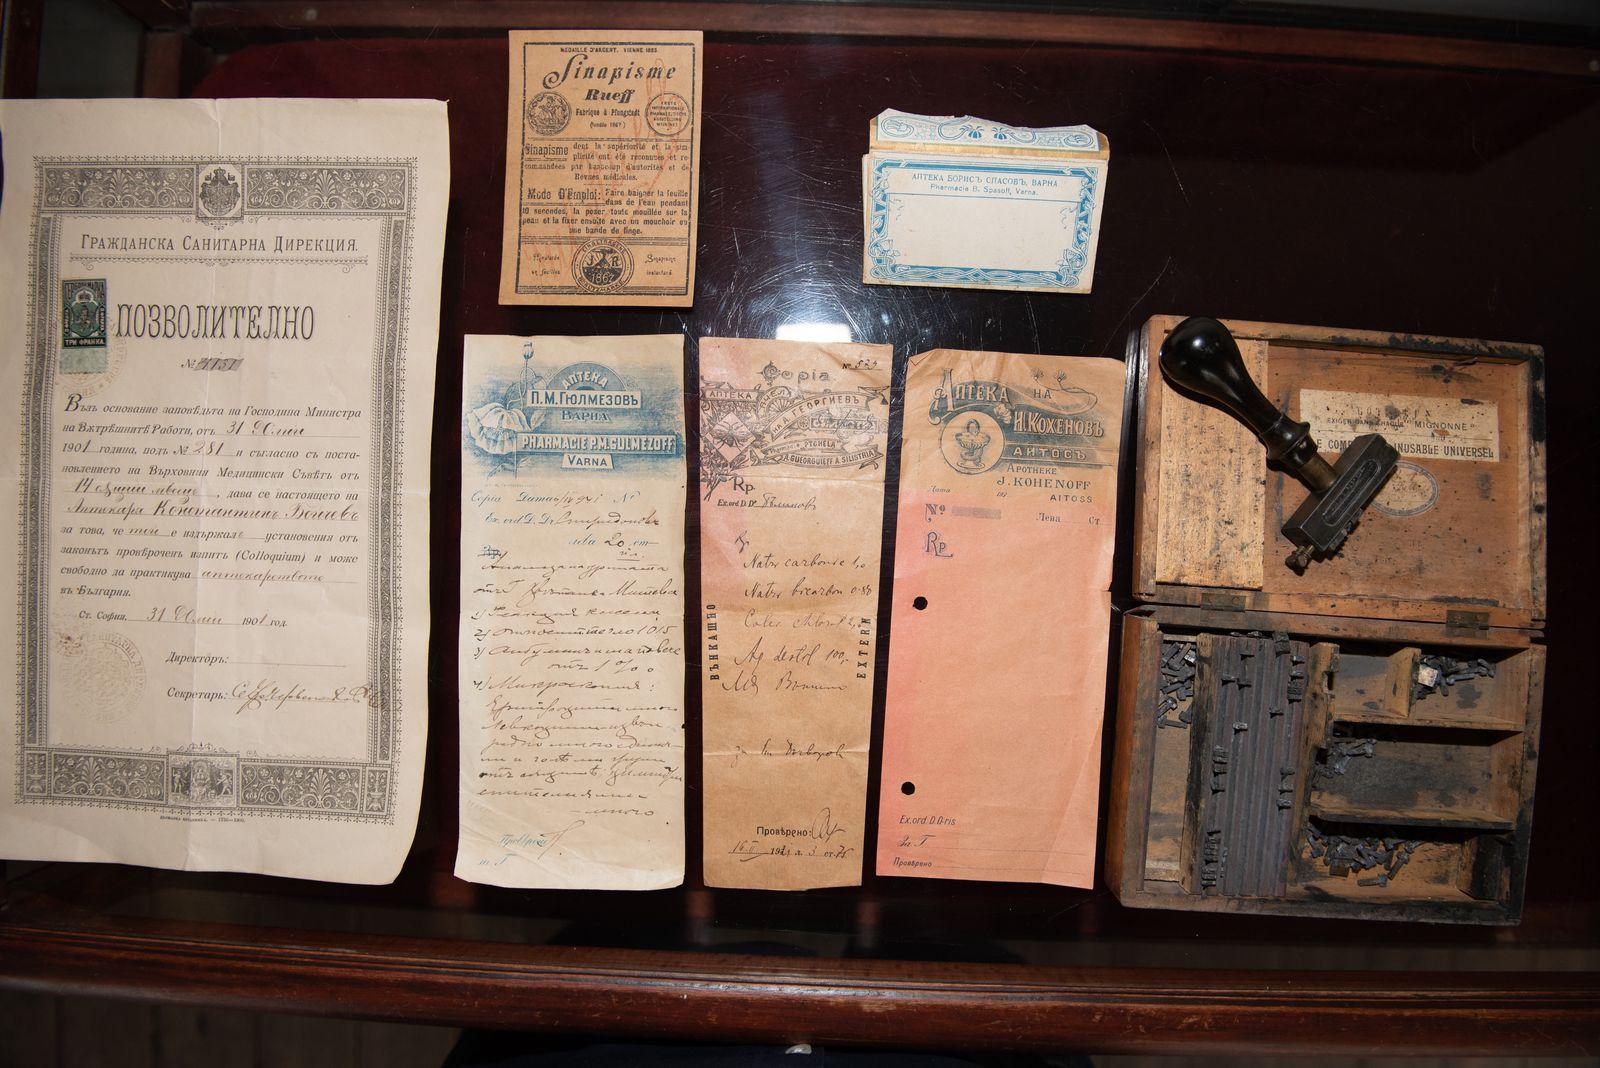 Muzei193_Позволително, плик за лекарства, рецепти и набор за печатане на етикети